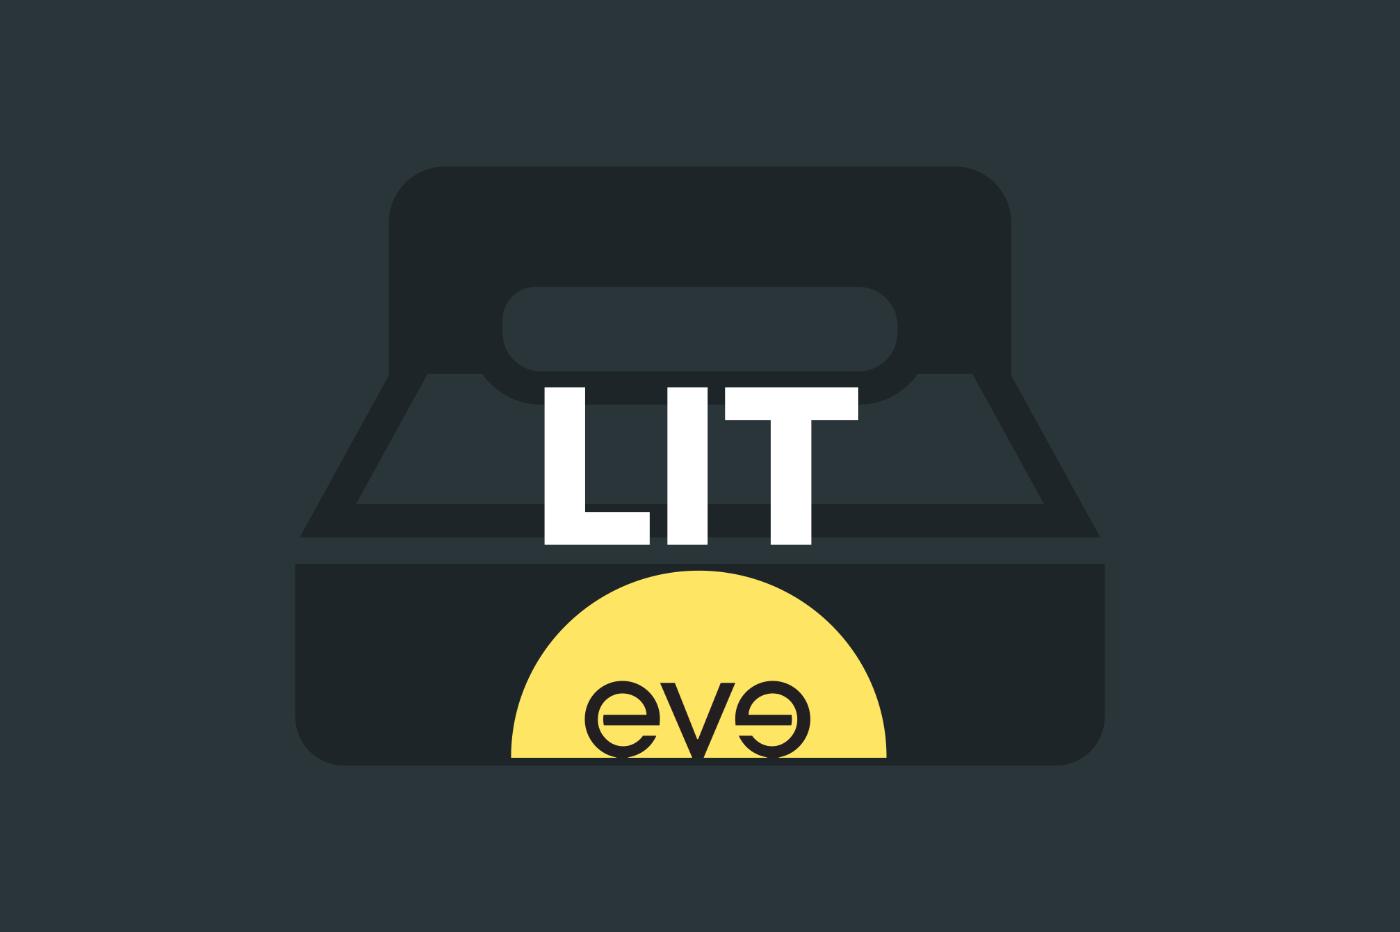 Lit Eve